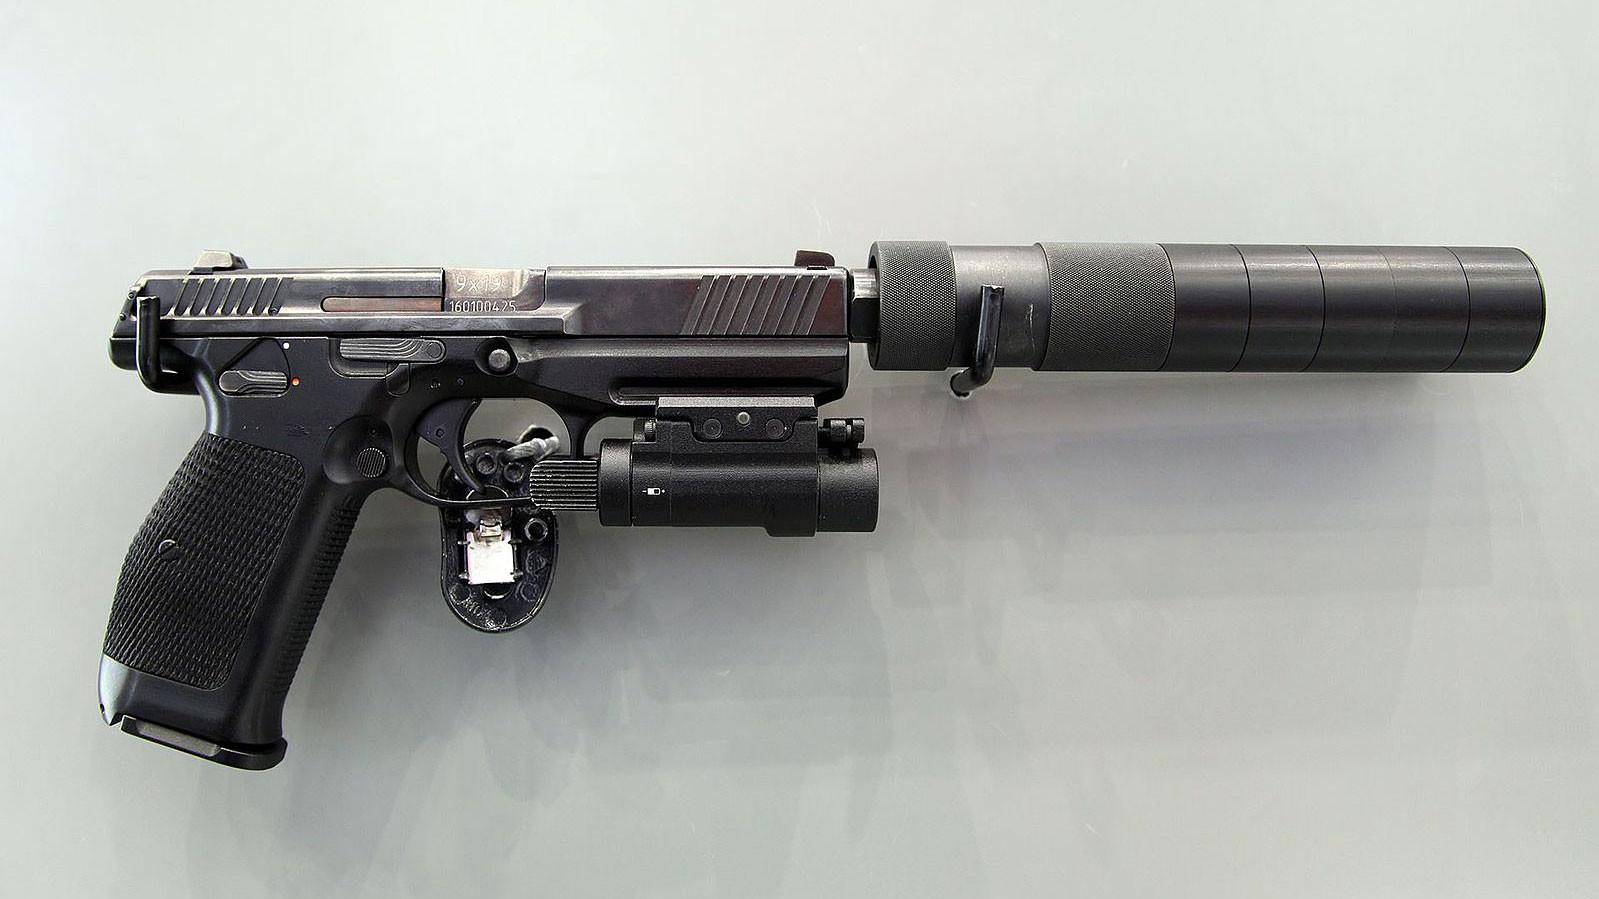 Пистолет Лебедева ПЛ-15 с глушителем и фонарём. Фото: © Wikimedia Commons